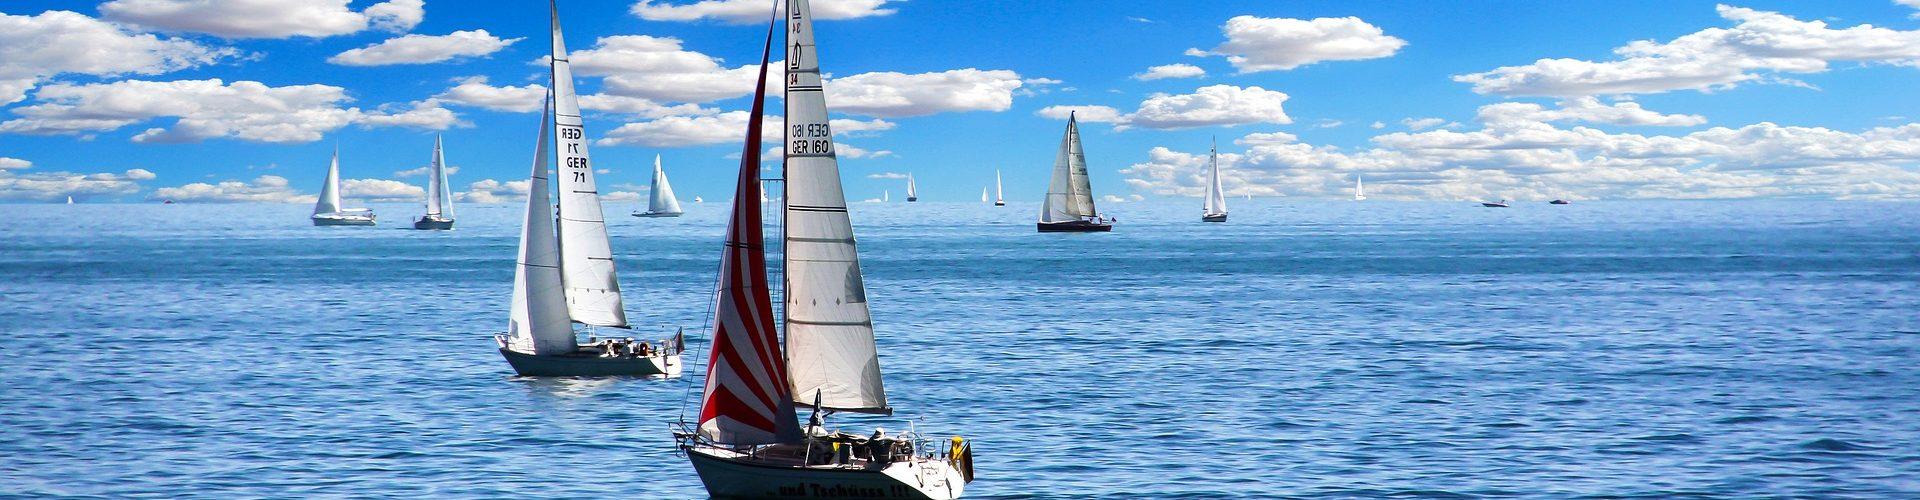 segeln lernen in Krempe segelschein machen in Krempe 1920x500 - Segeln lernen in Krempe